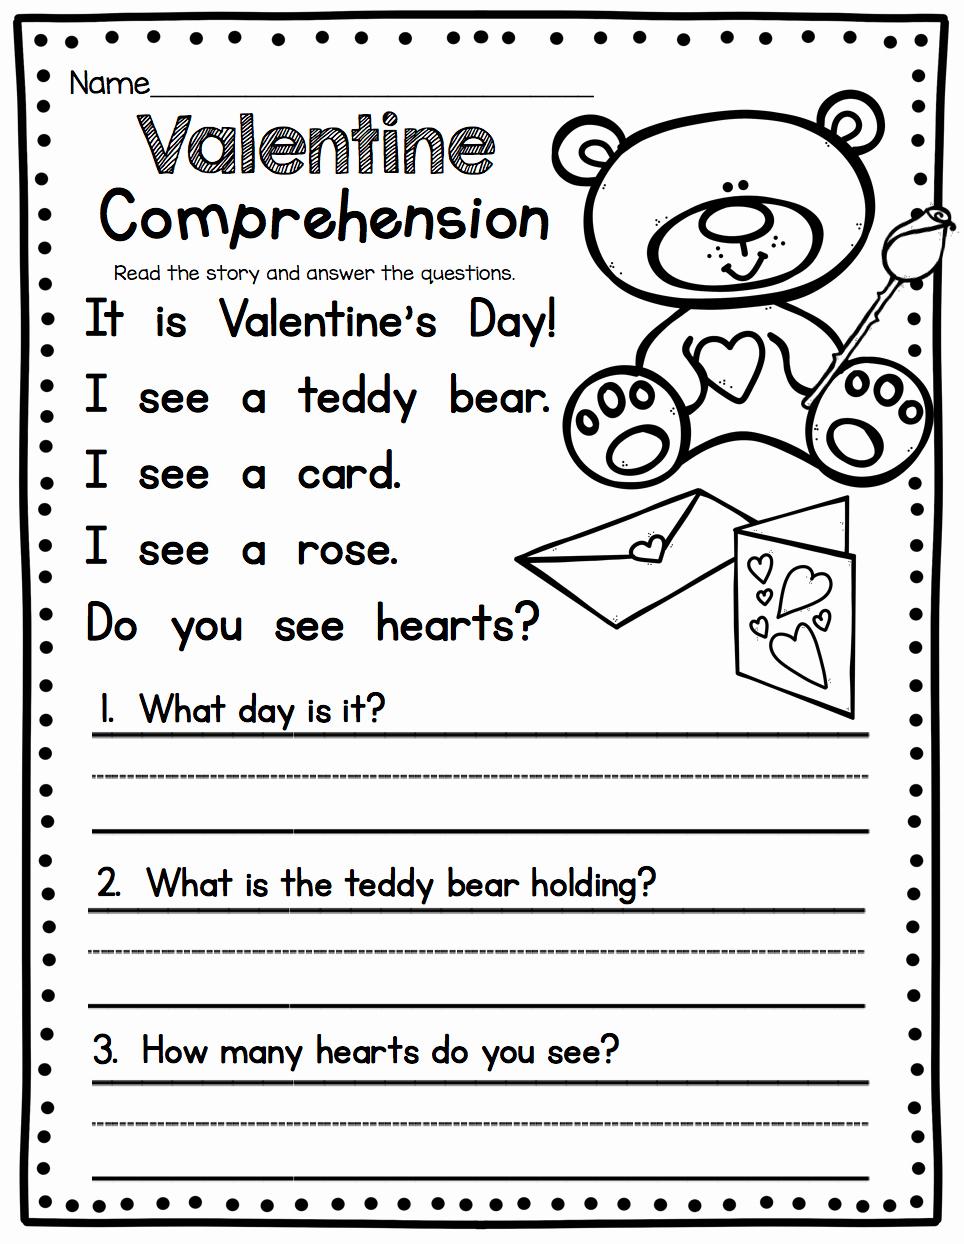 Grammar Worksheet 1st Grade Fresh 1st Grade English Worksheets Best Coloring Pages for Kids